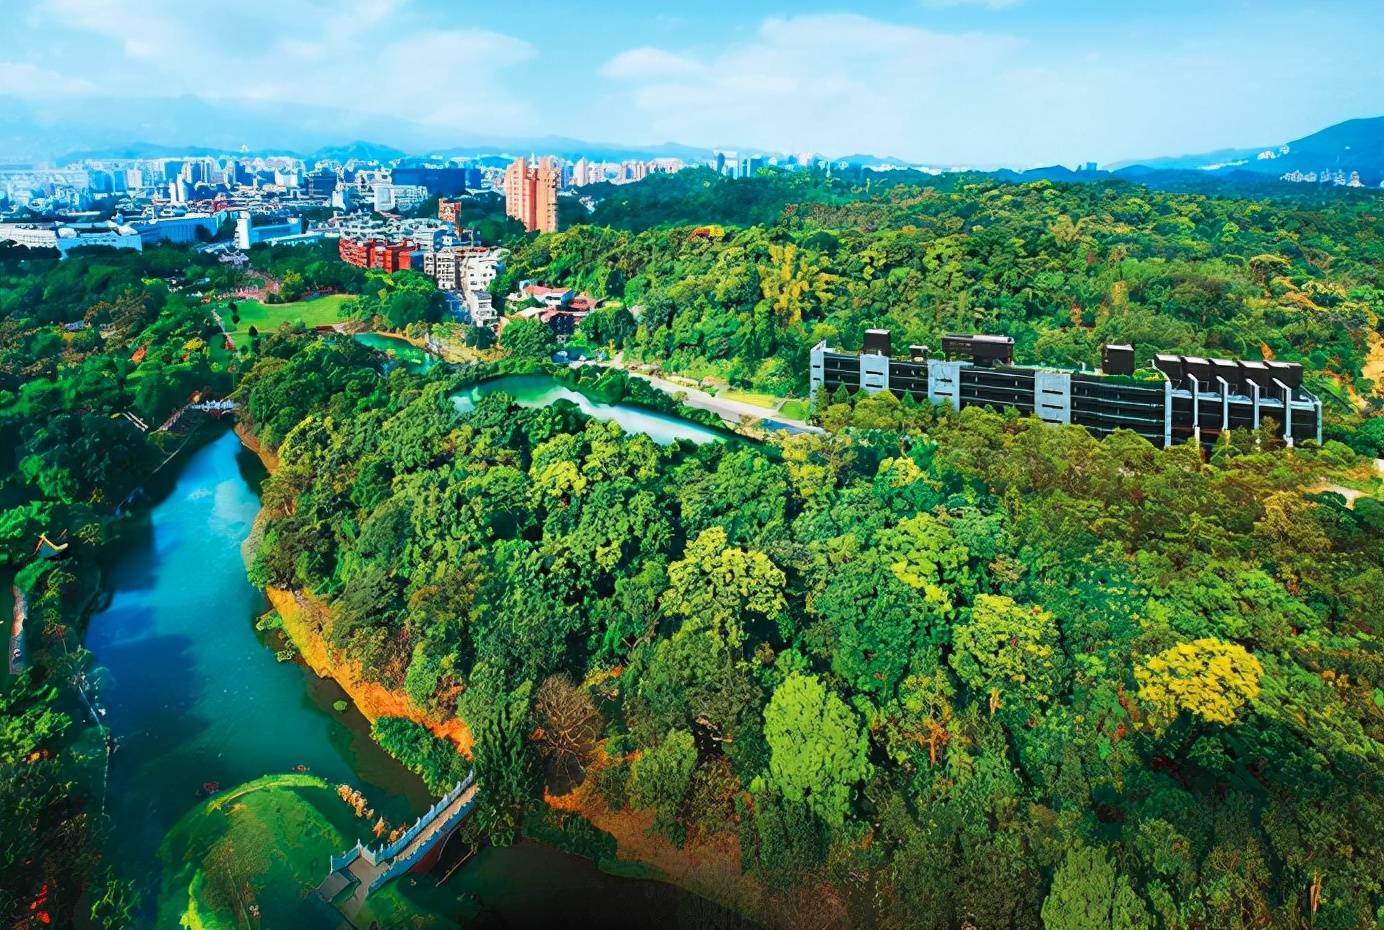 张惠妹两亿豪宅被曝光,与萧敬腾做邻居,装修4年尚未完工